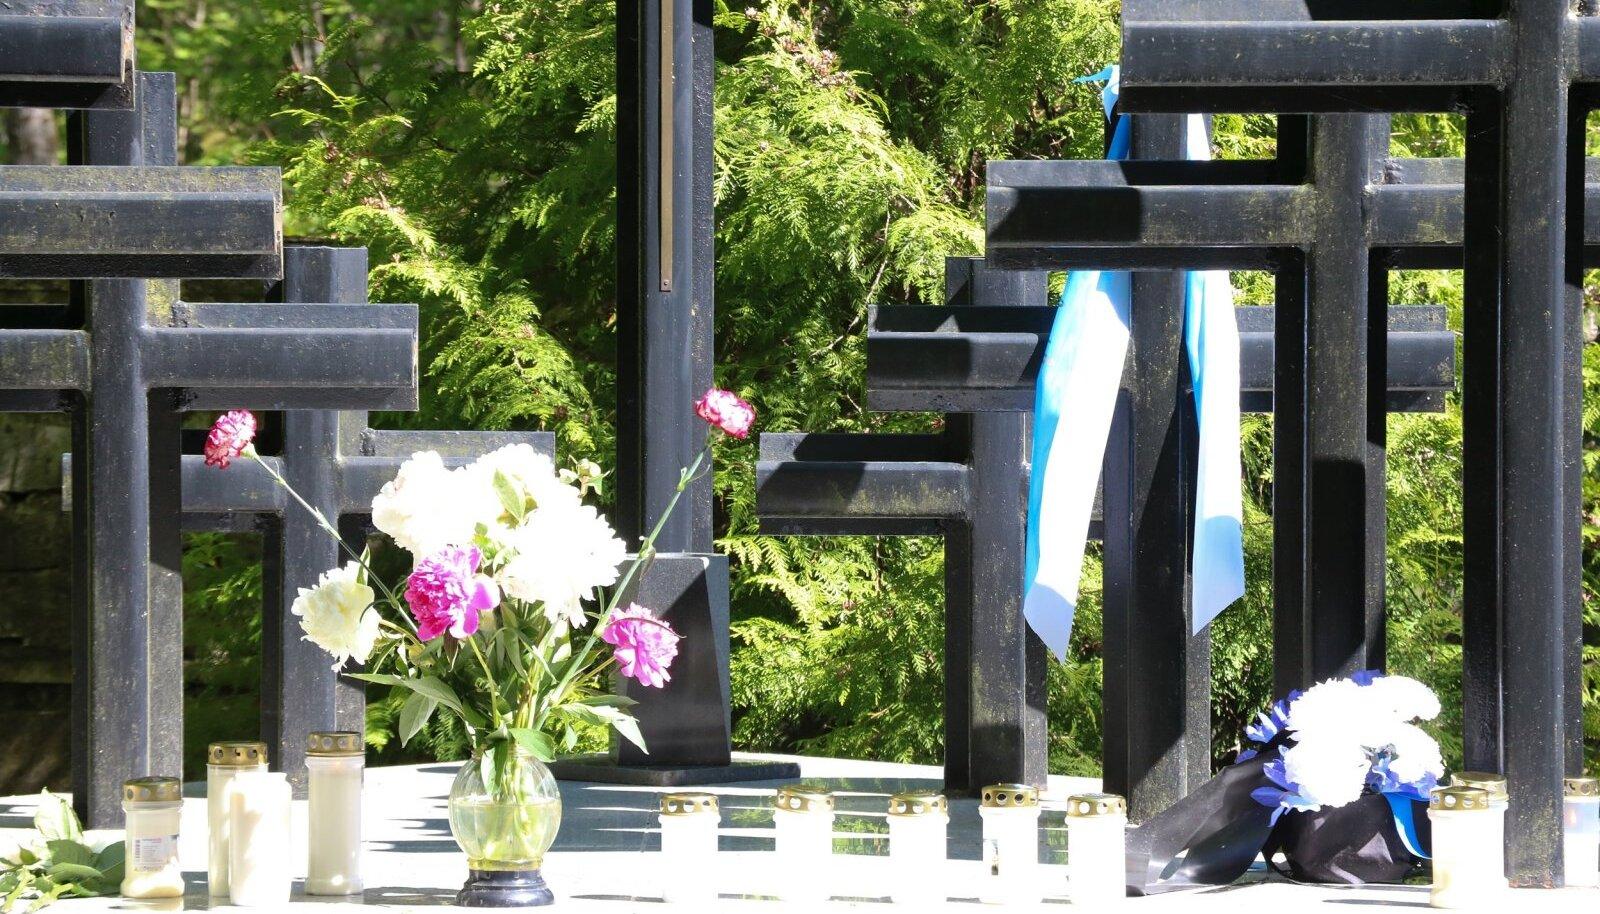 Juuniküüditamine 75 aastat, mälestamine Saaremaal. Kudjapel, roomassaare sadamas ja Jaagarahul asetati pärjad , süüdati küünlad ja peeti mälestuskõnesid